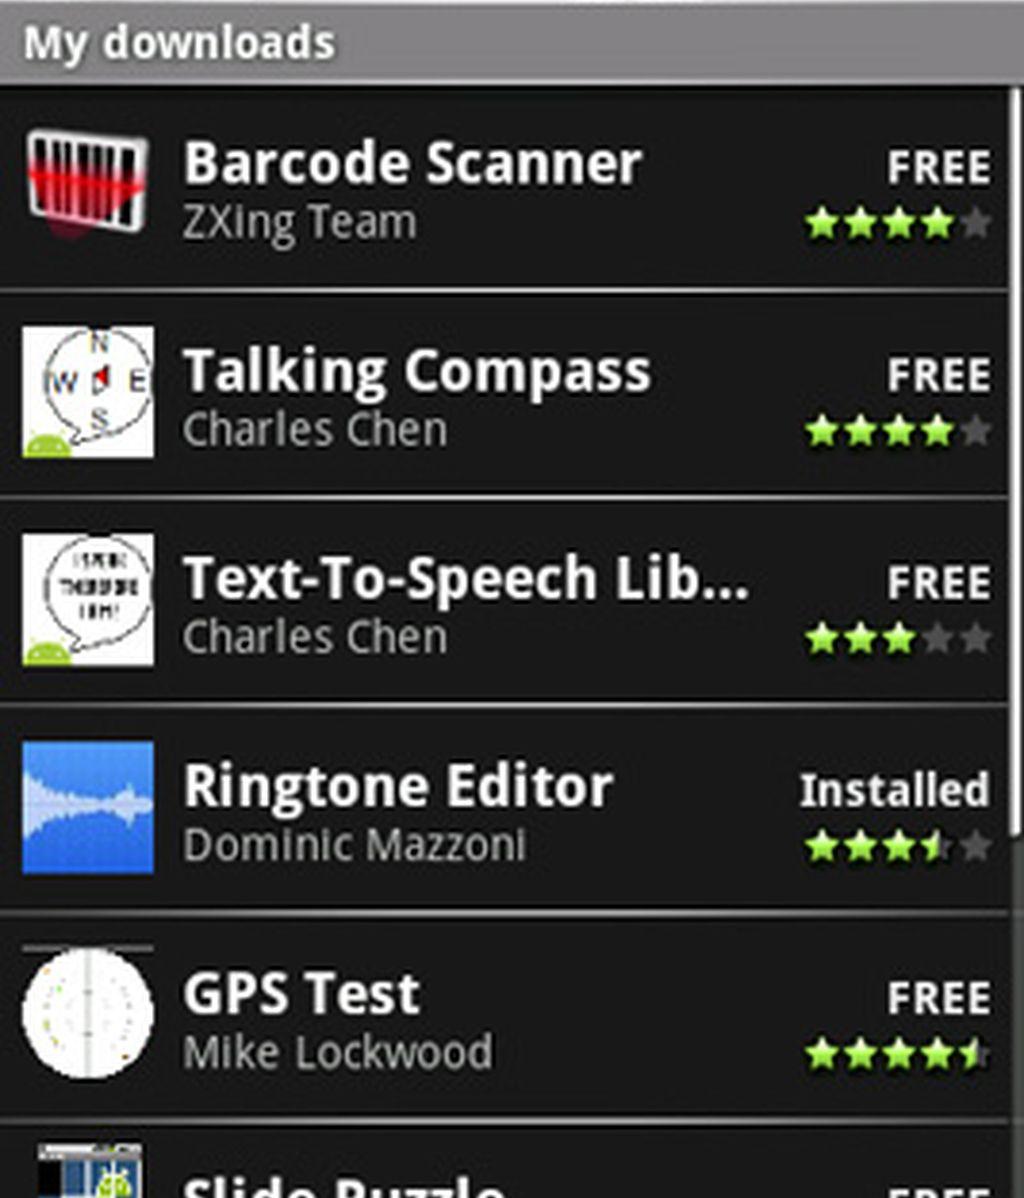 La publicidad y los pagos 'in-app'. Lo segundo permite dar a los usuario la posibilidad de comprar contenidos extra una vez dentro de la aplicación.Fórmula para hacer rentable lo gratis.